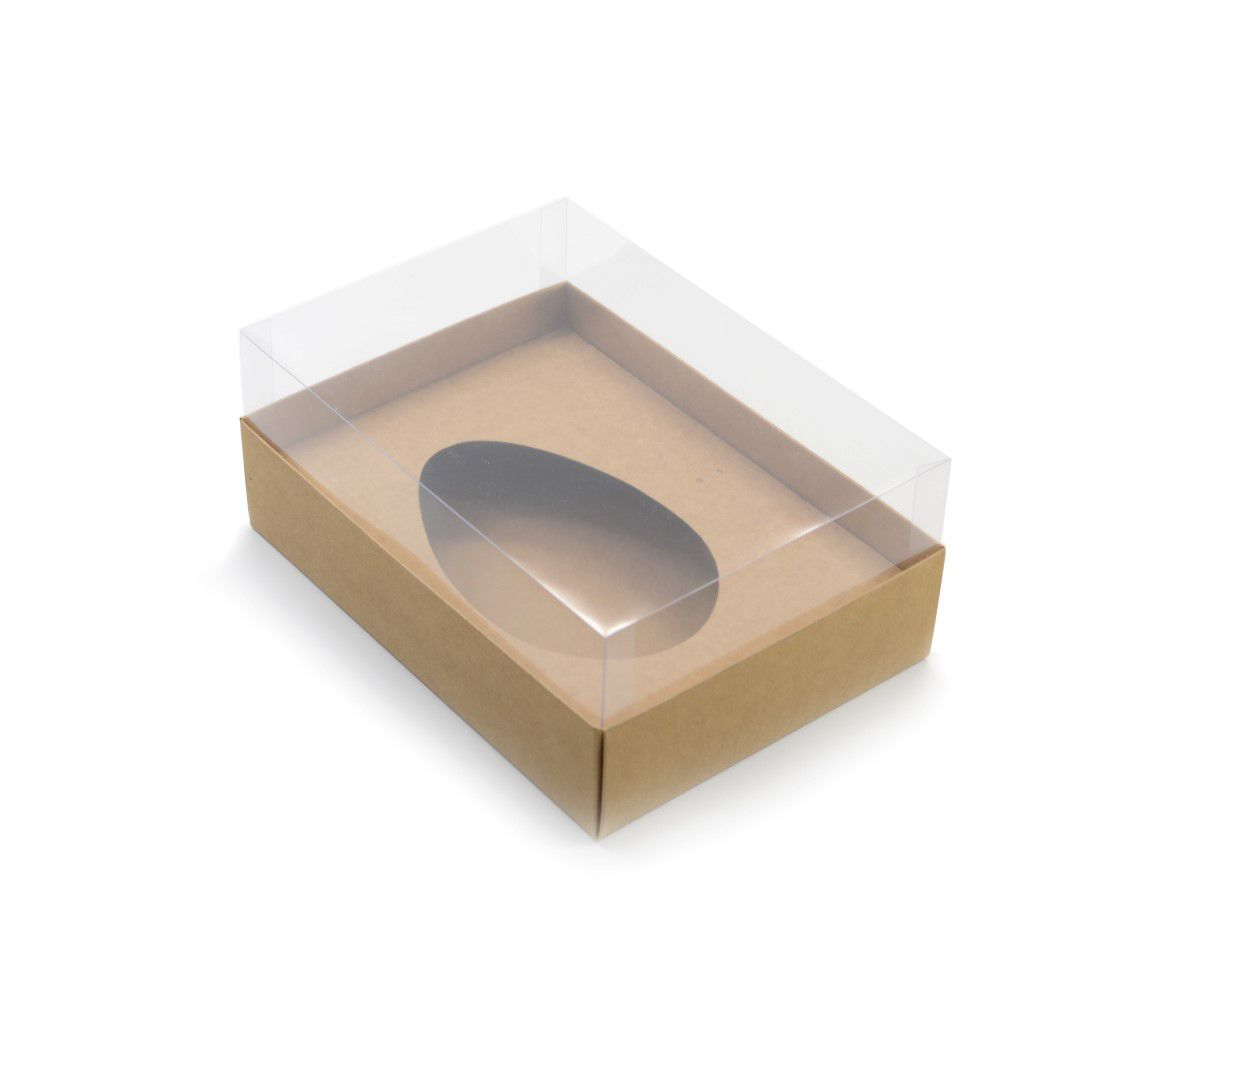 Ref 016 Kraft - Caixa Ovo de Colher 500/750gr. c/ tampa ALTA - 25x18x11 cm - c/ 10 unidades